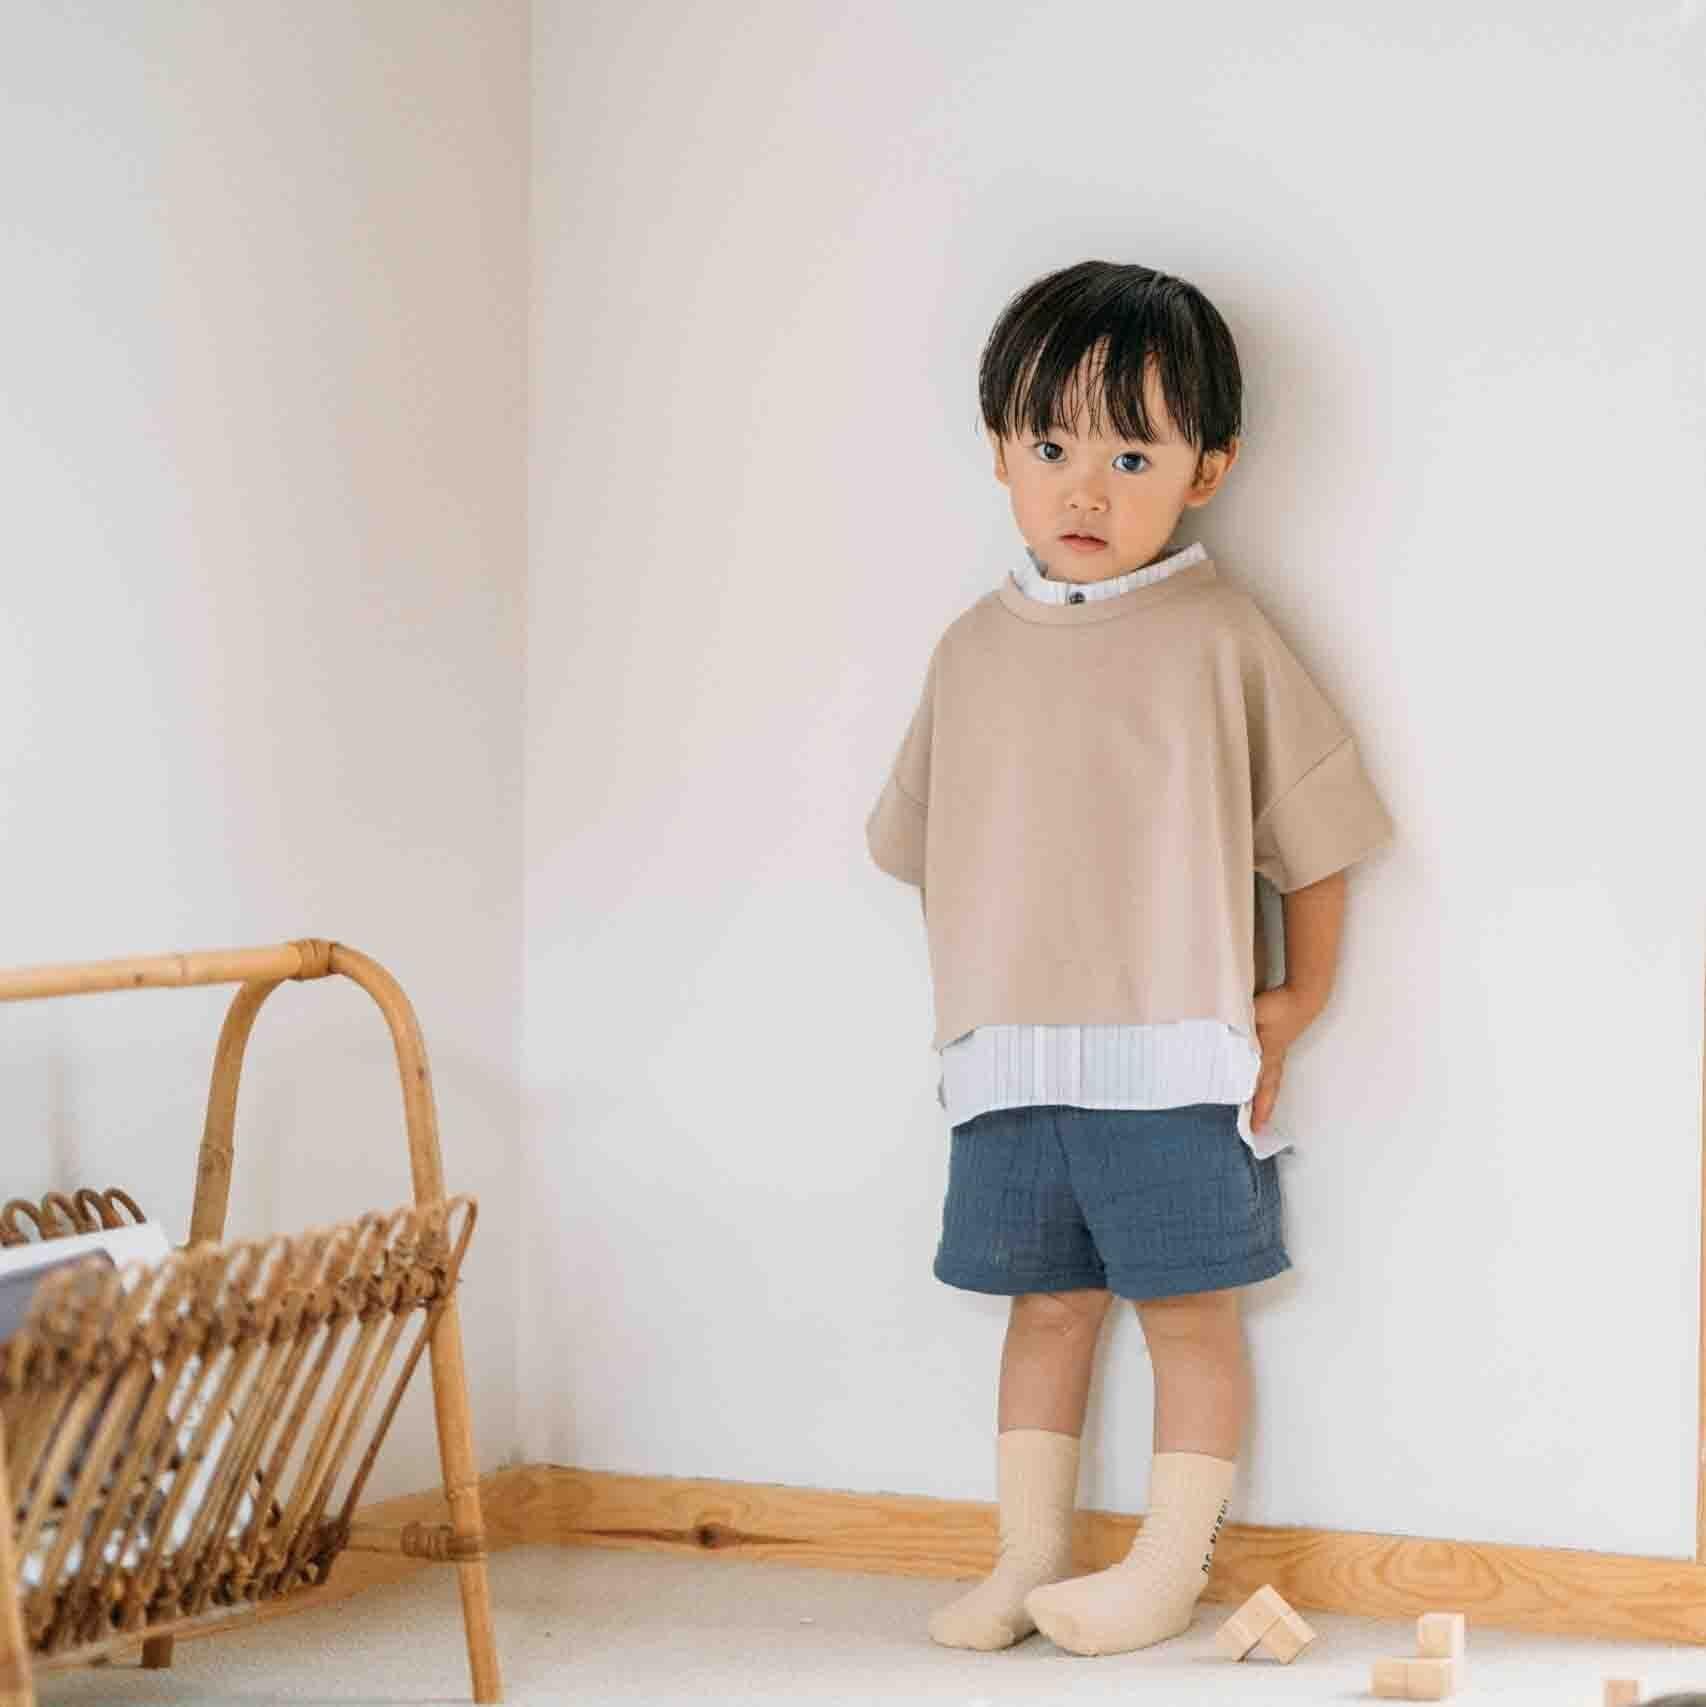 デザインコラボベージュTシャツ+ショートパンツ